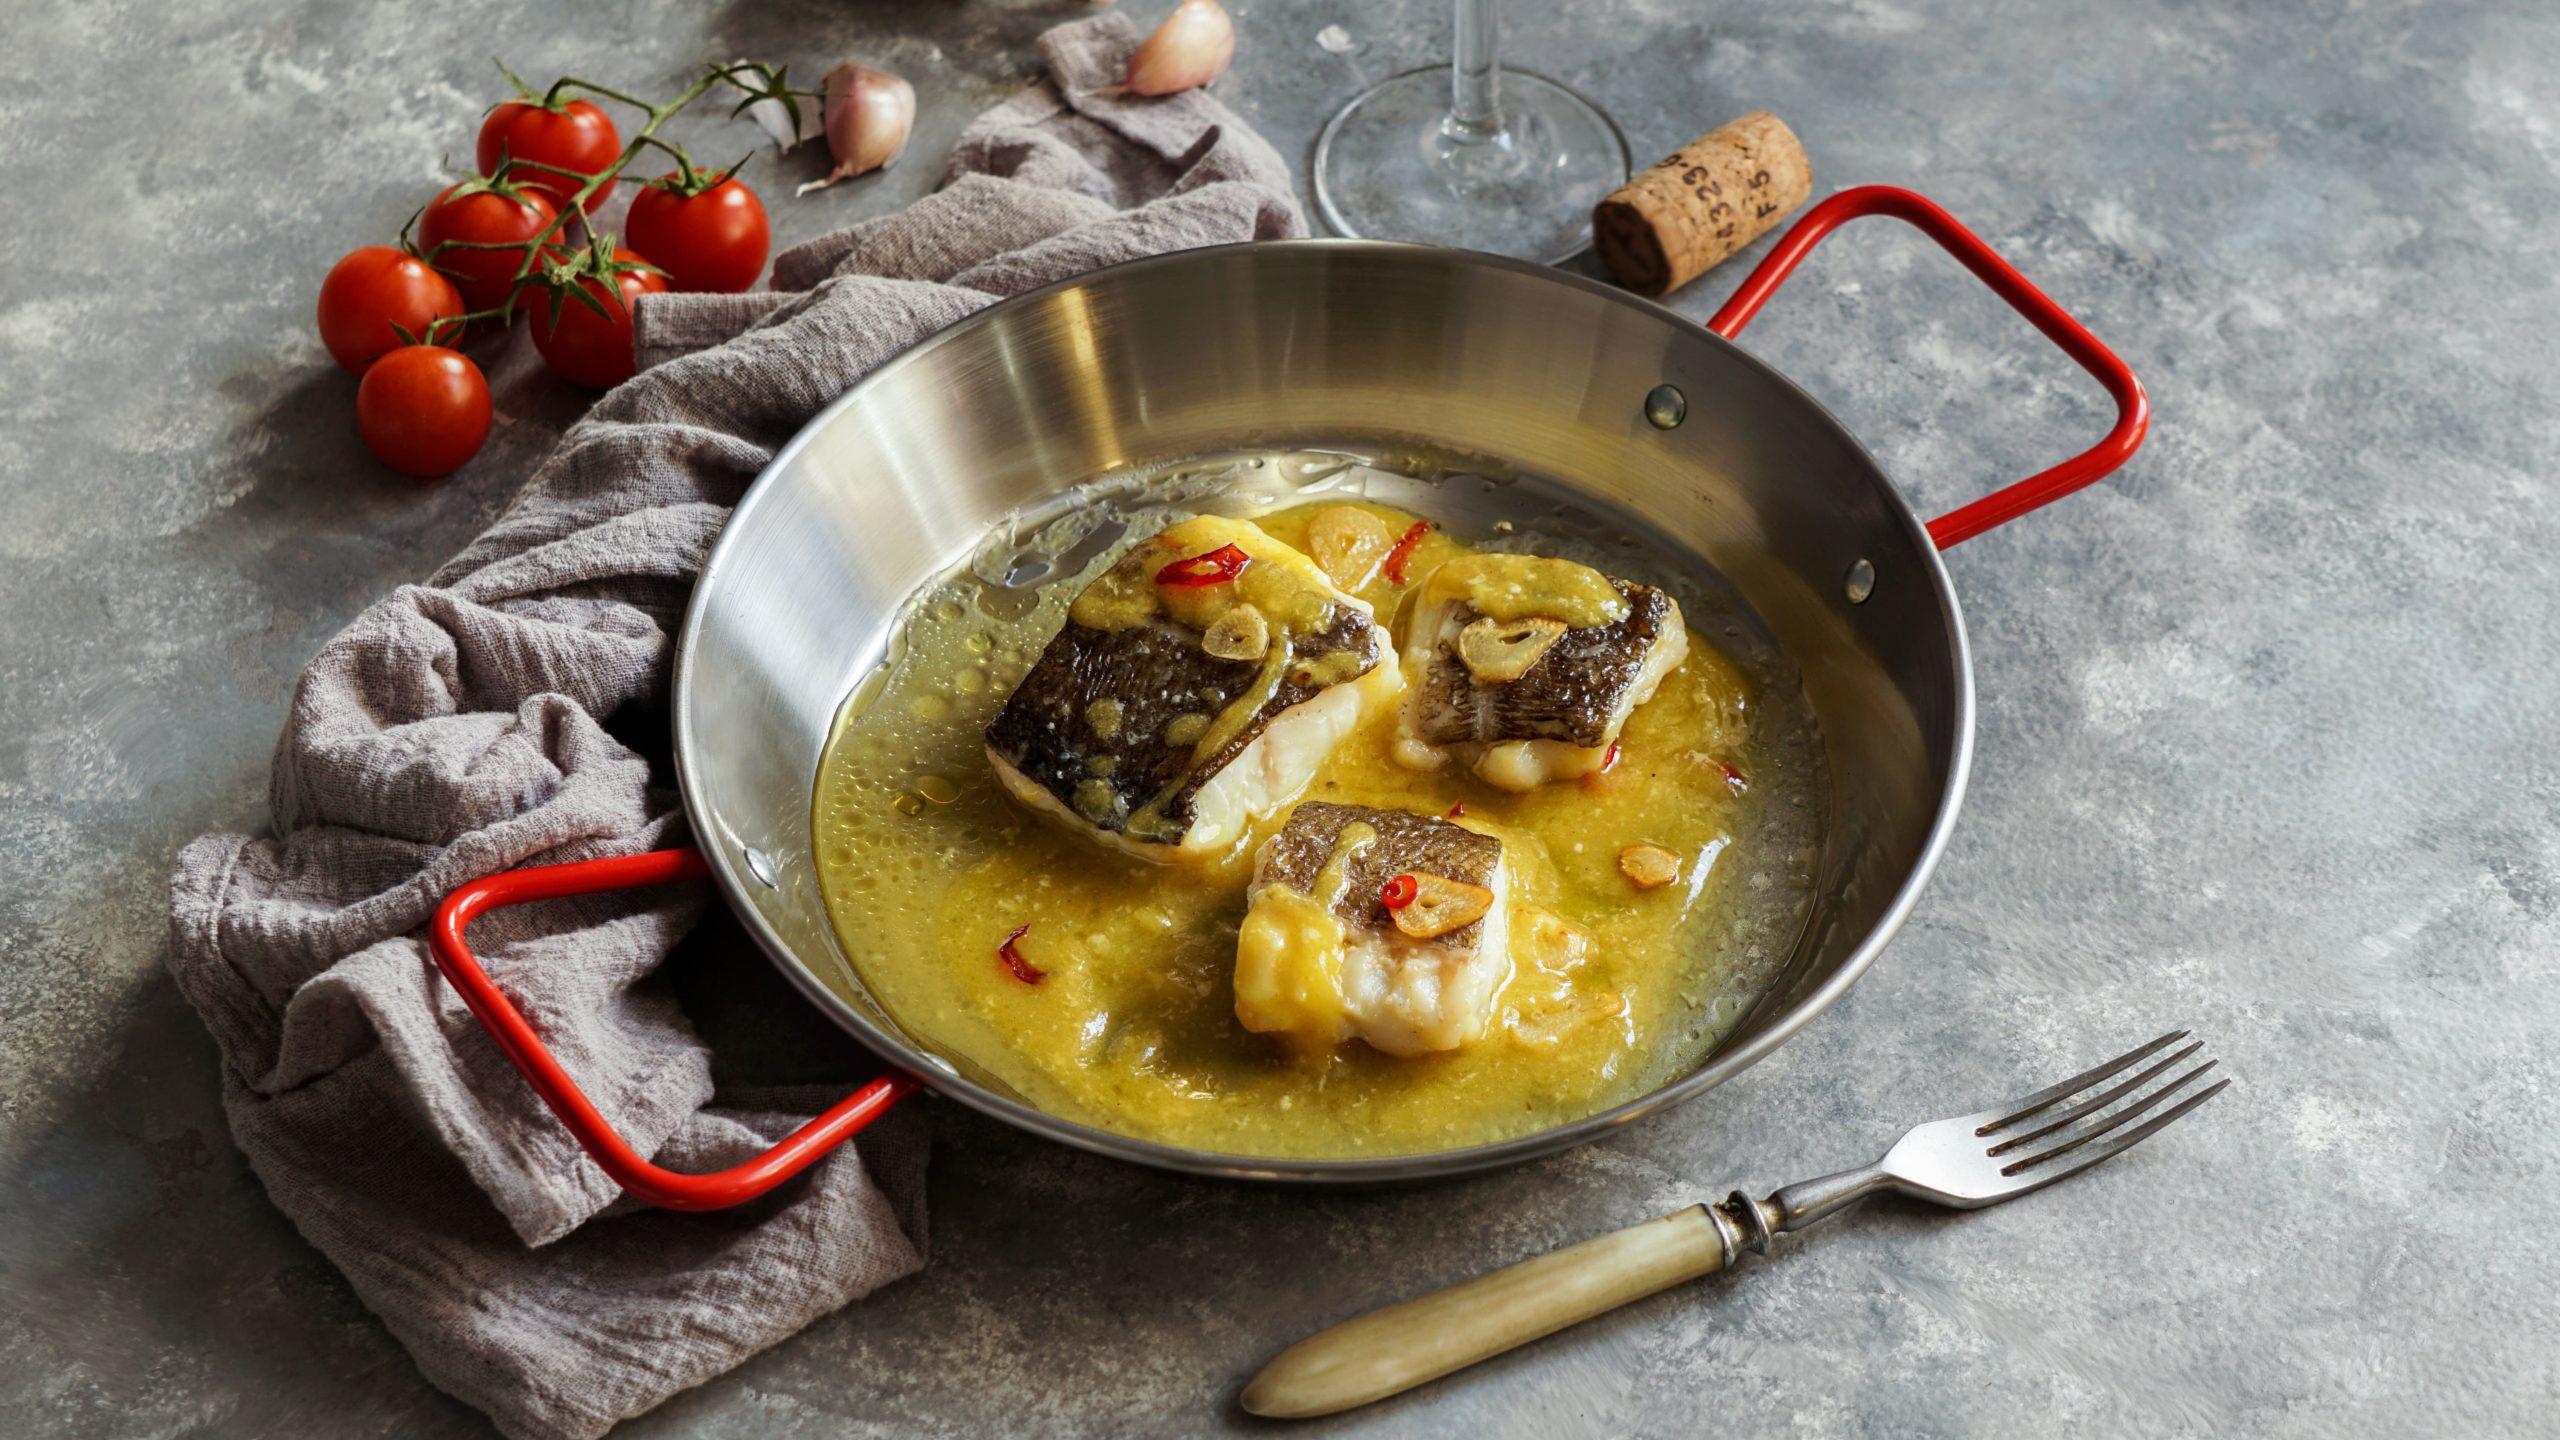 recetas de bacalao - bacalao al pil pil